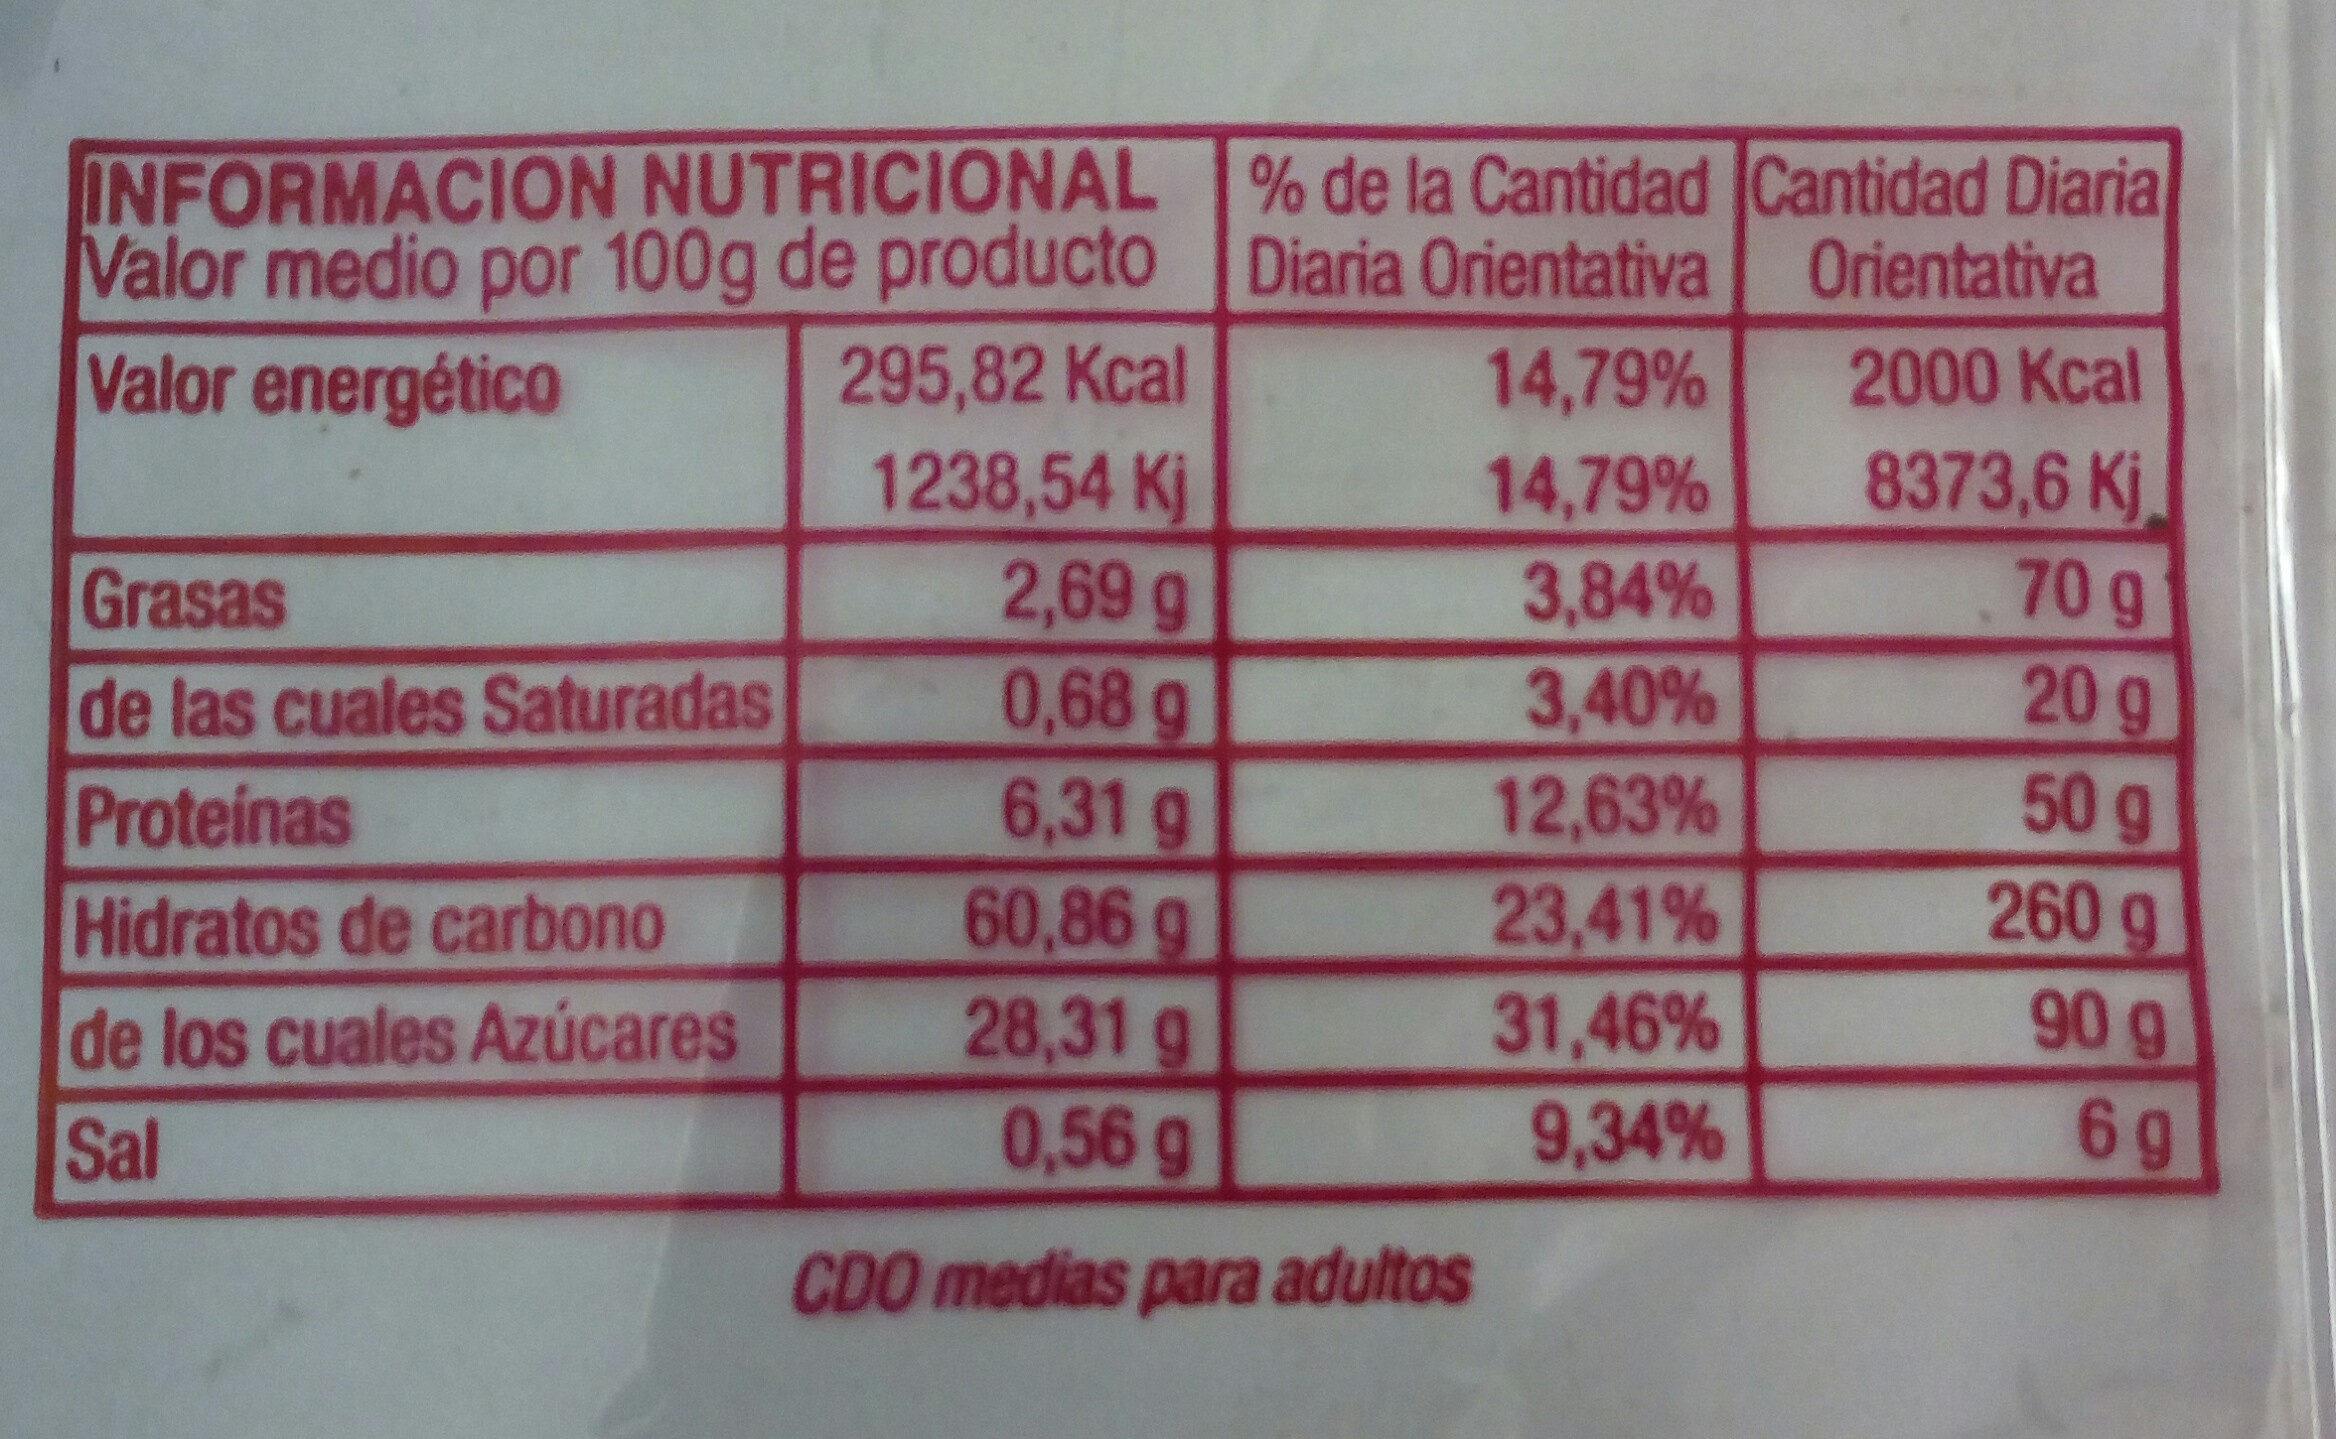 Bizcochos soletilla - Información nutricional - es